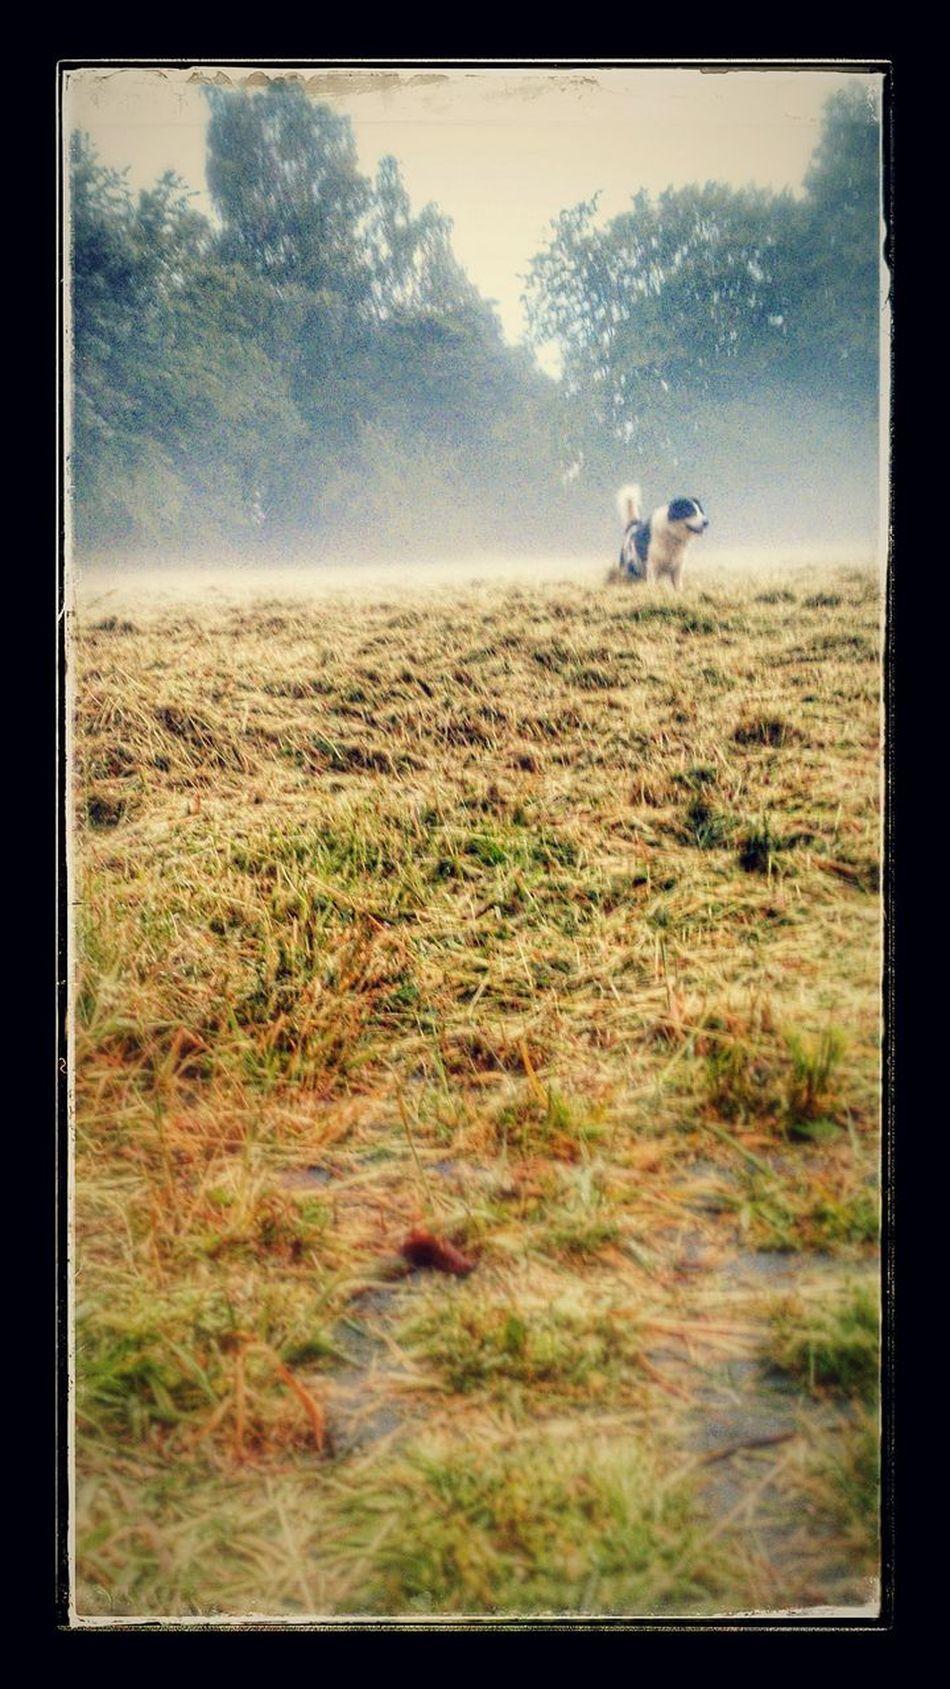 In Erinnerung an Casper! Field Nature Landscape Grass Draußen Im Grünen Dog Photography Hundefotografie Outdoors